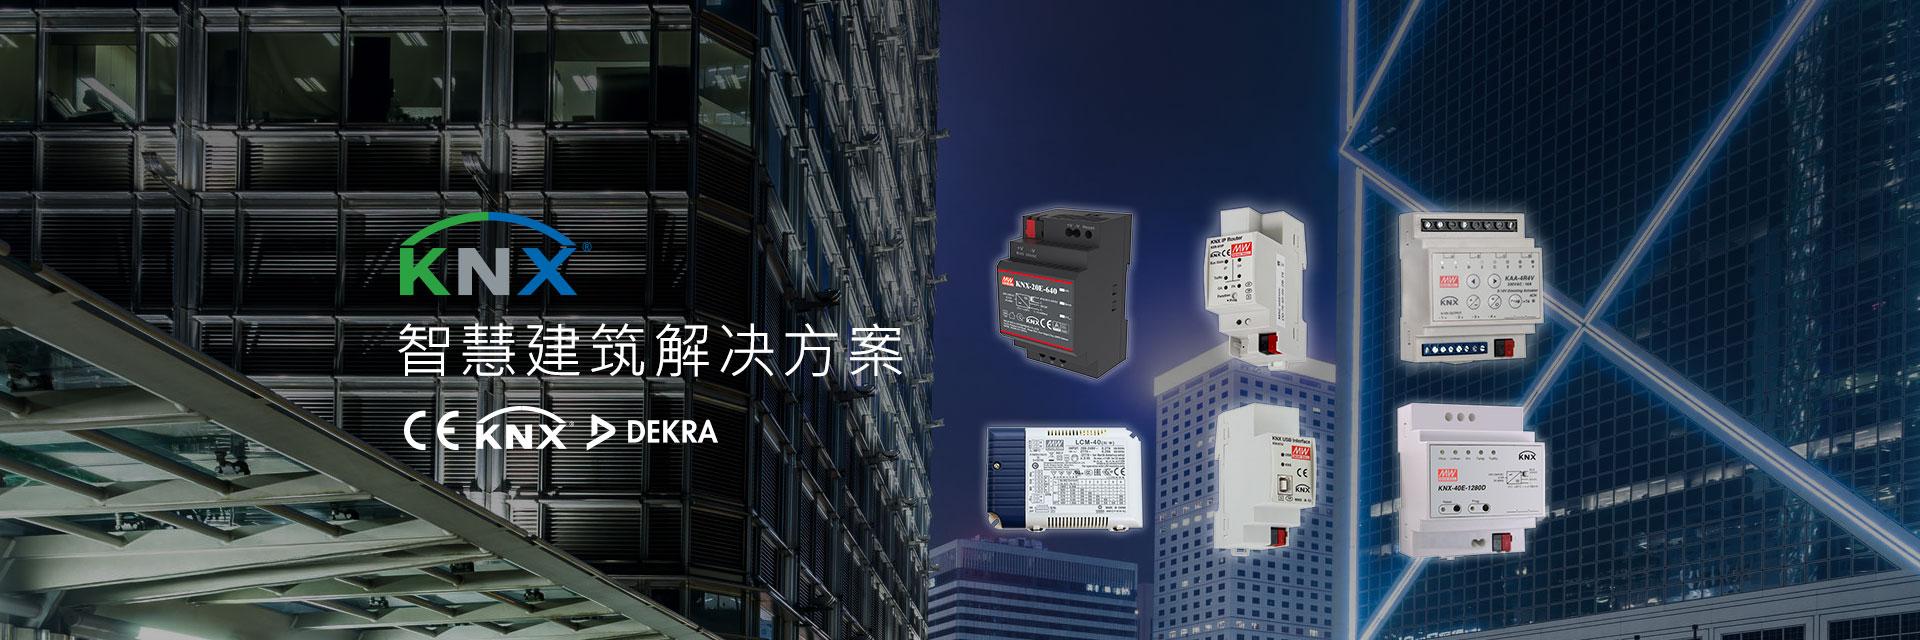 KNX智慧建筑电源解决方案